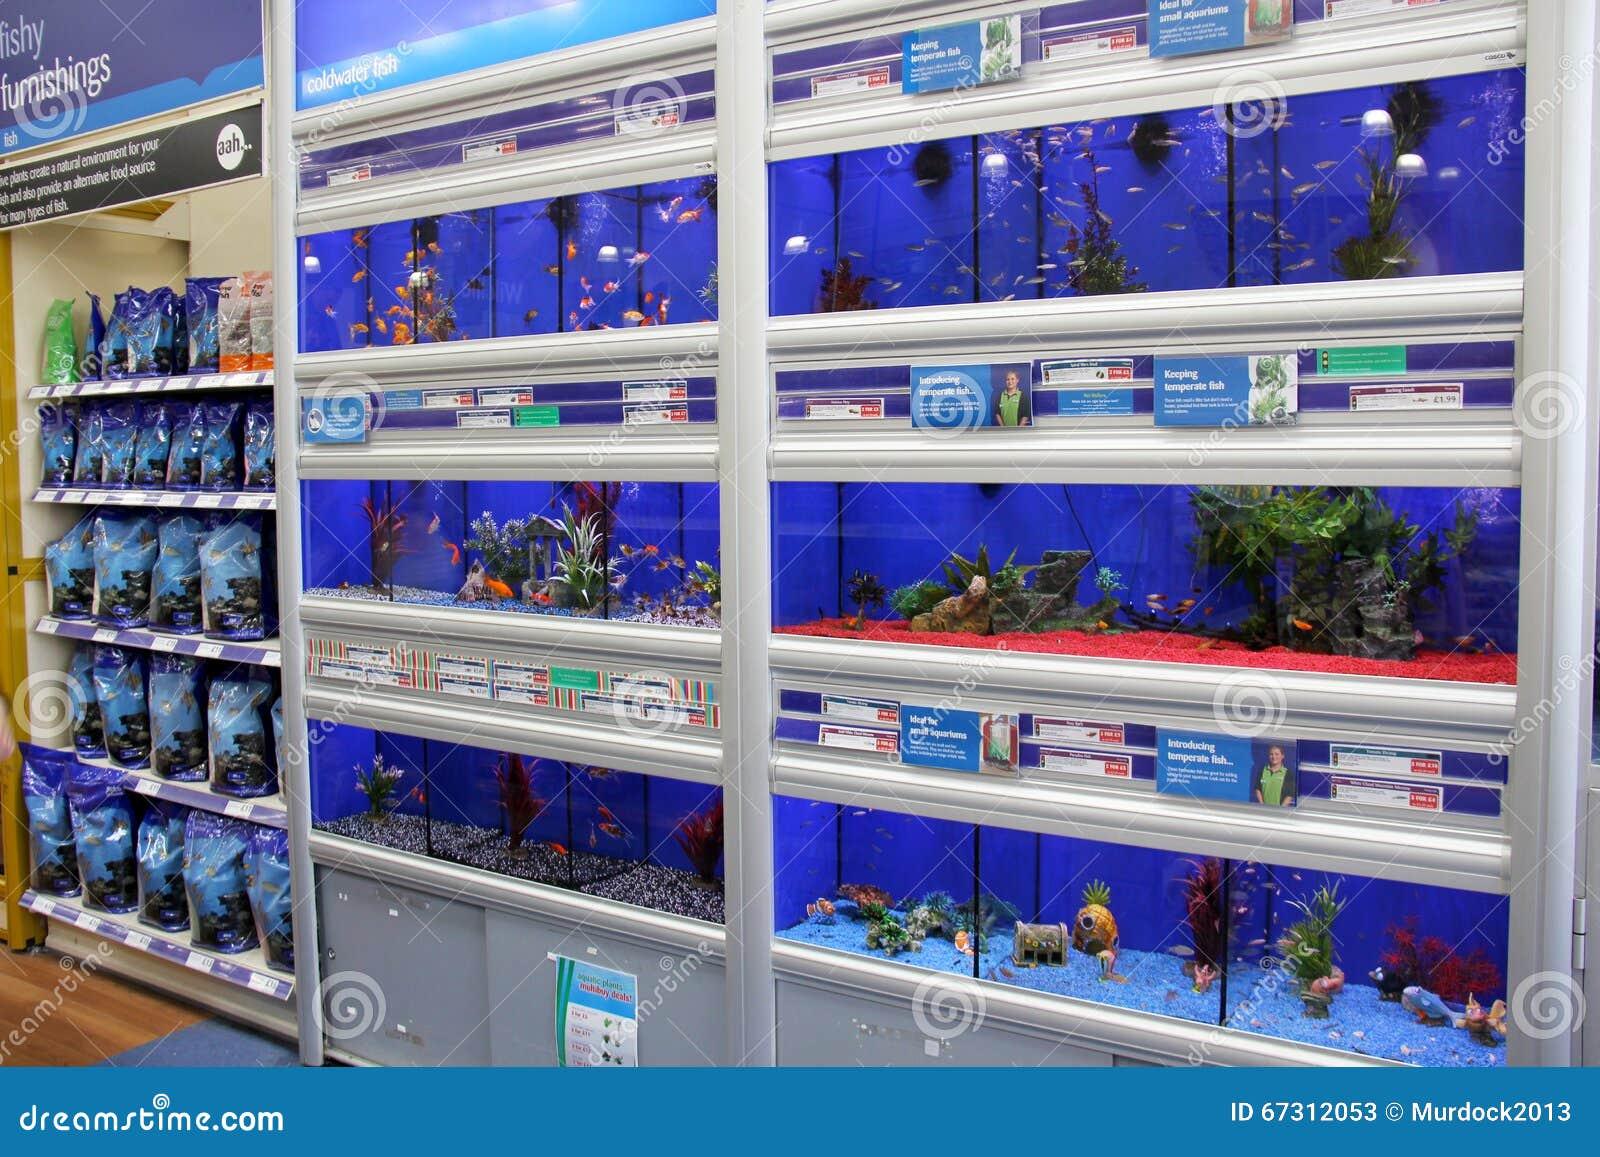 Aquarium fish tank for sale in london - Fish In Aquariums Editorial Stock Photo